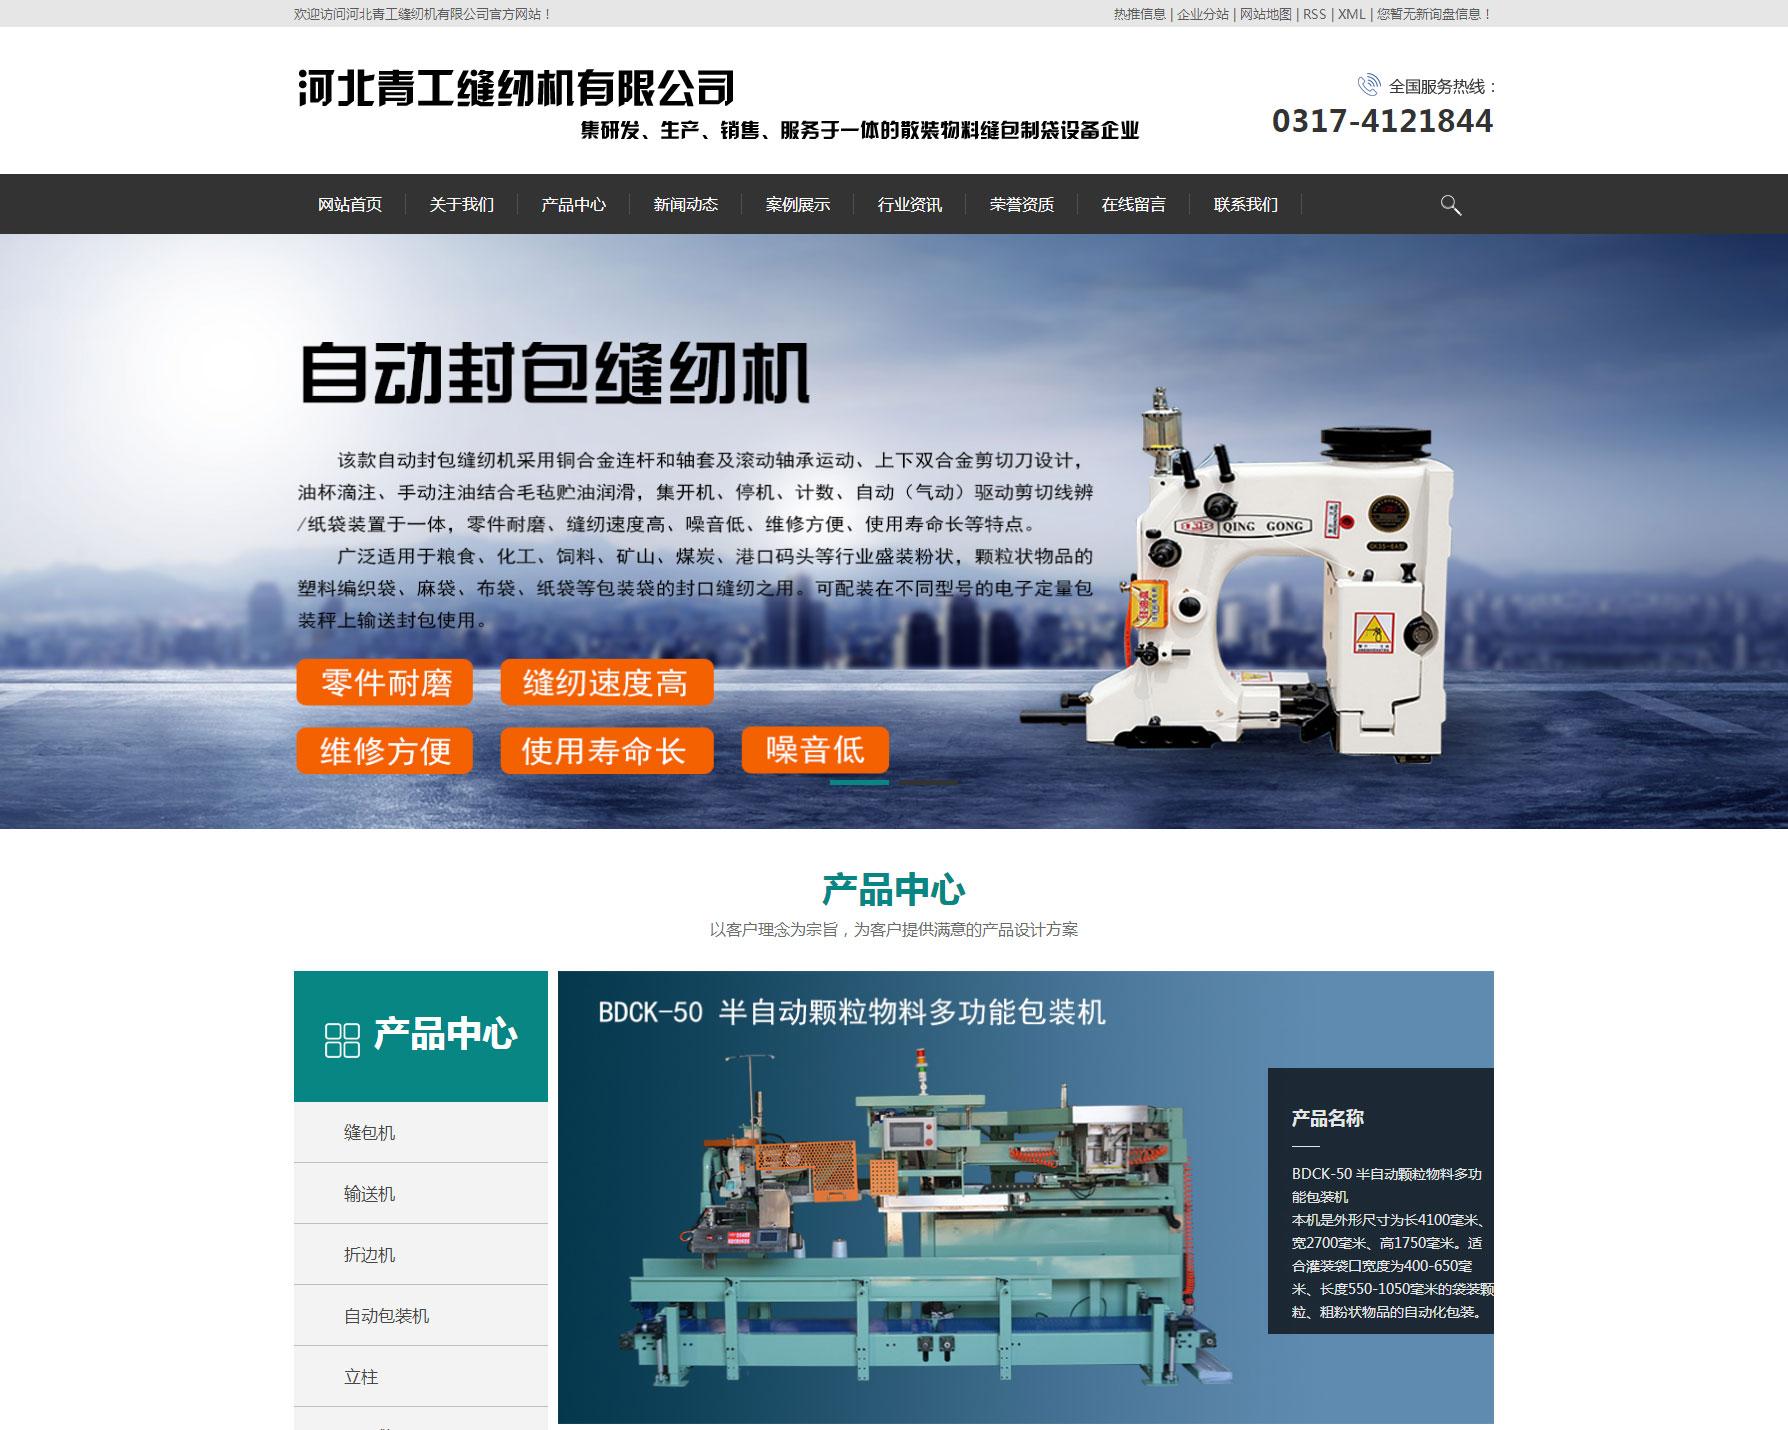 沧州网站优化机械行业案例